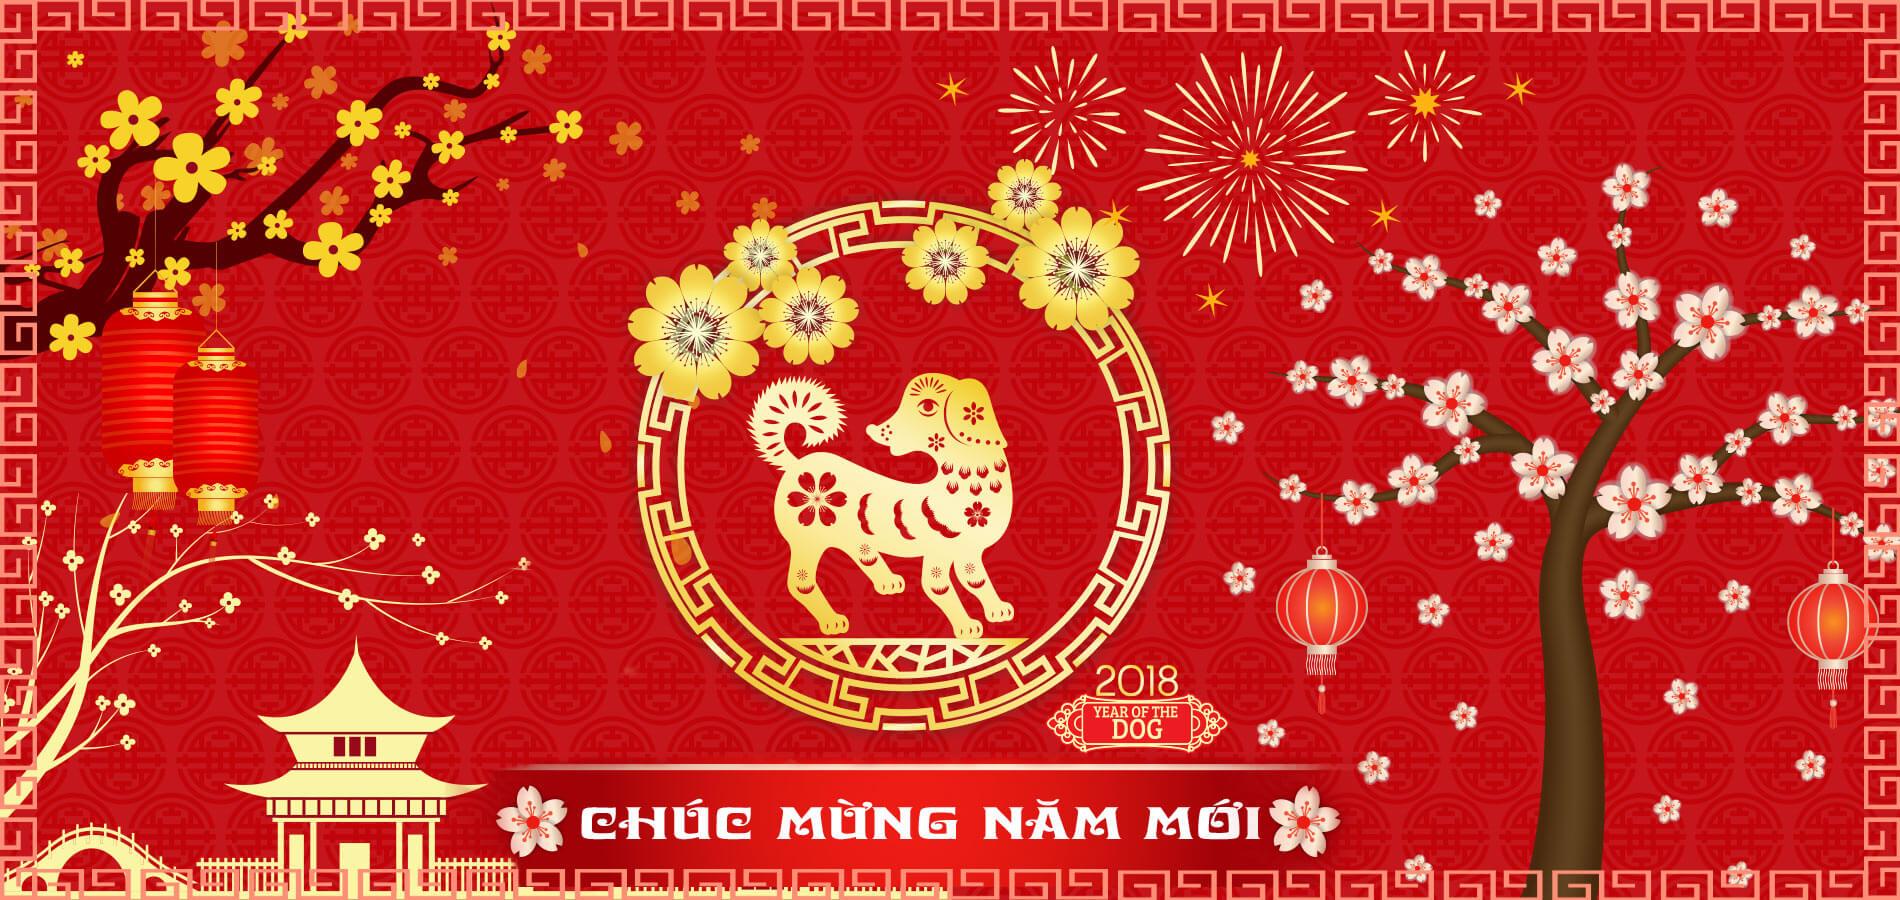 Happy Lunar New Year 2018!